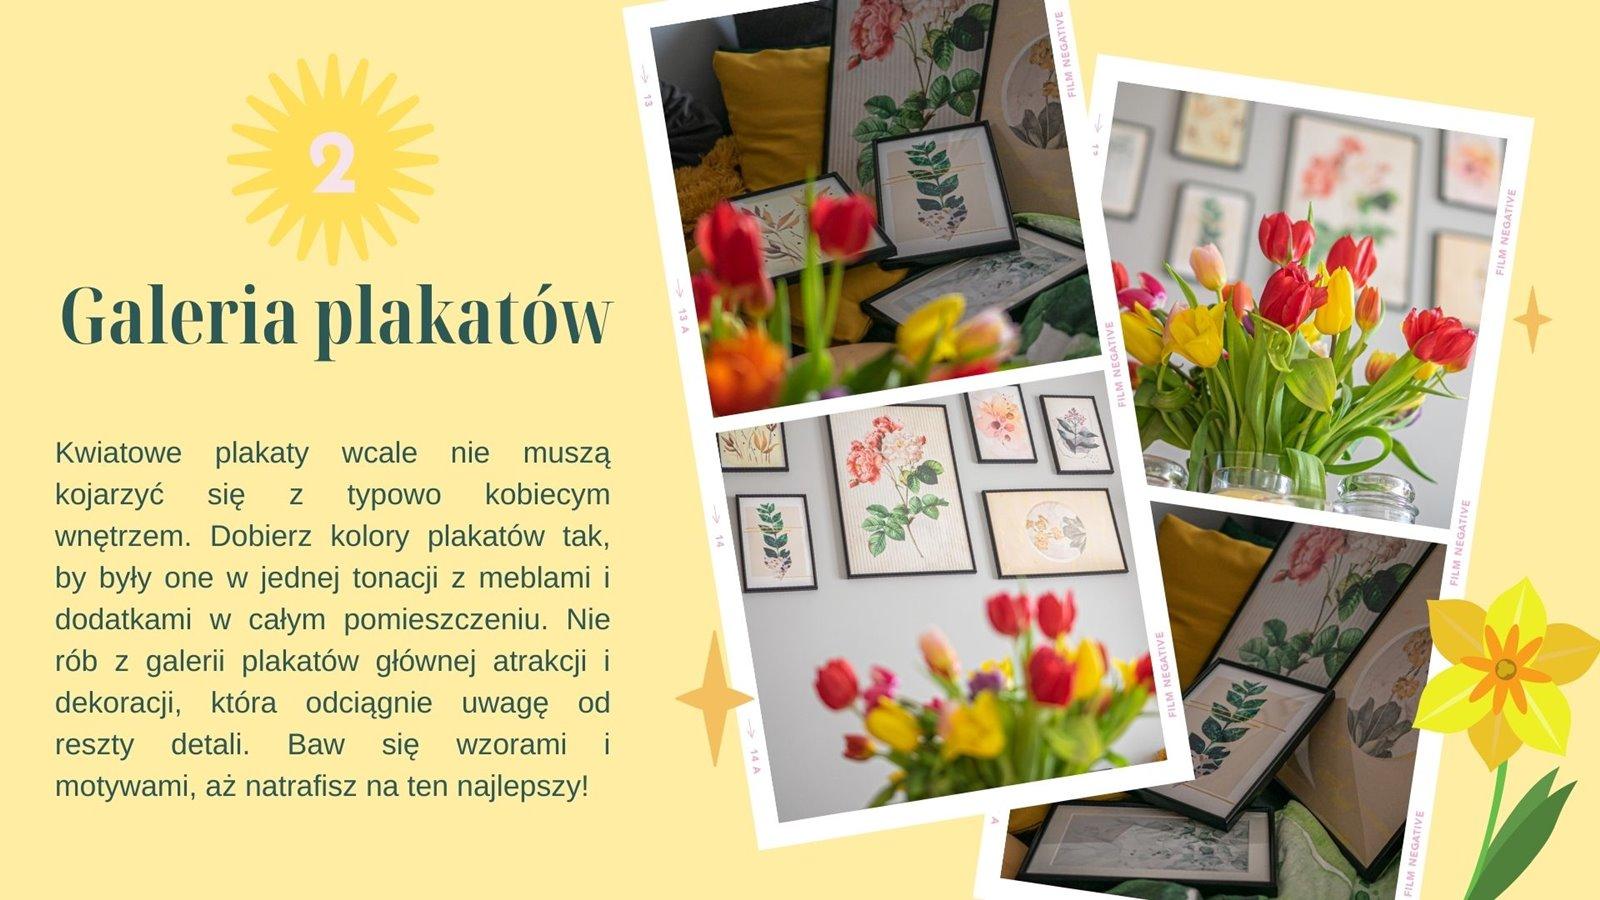 3 galeria plakatów bimago kod znizkowy jak zaprojektowac galerie plakatow na sciane w kwiatowym motywie na wiosne do pokoju dziewczynki do salonu inspiracje pomysły